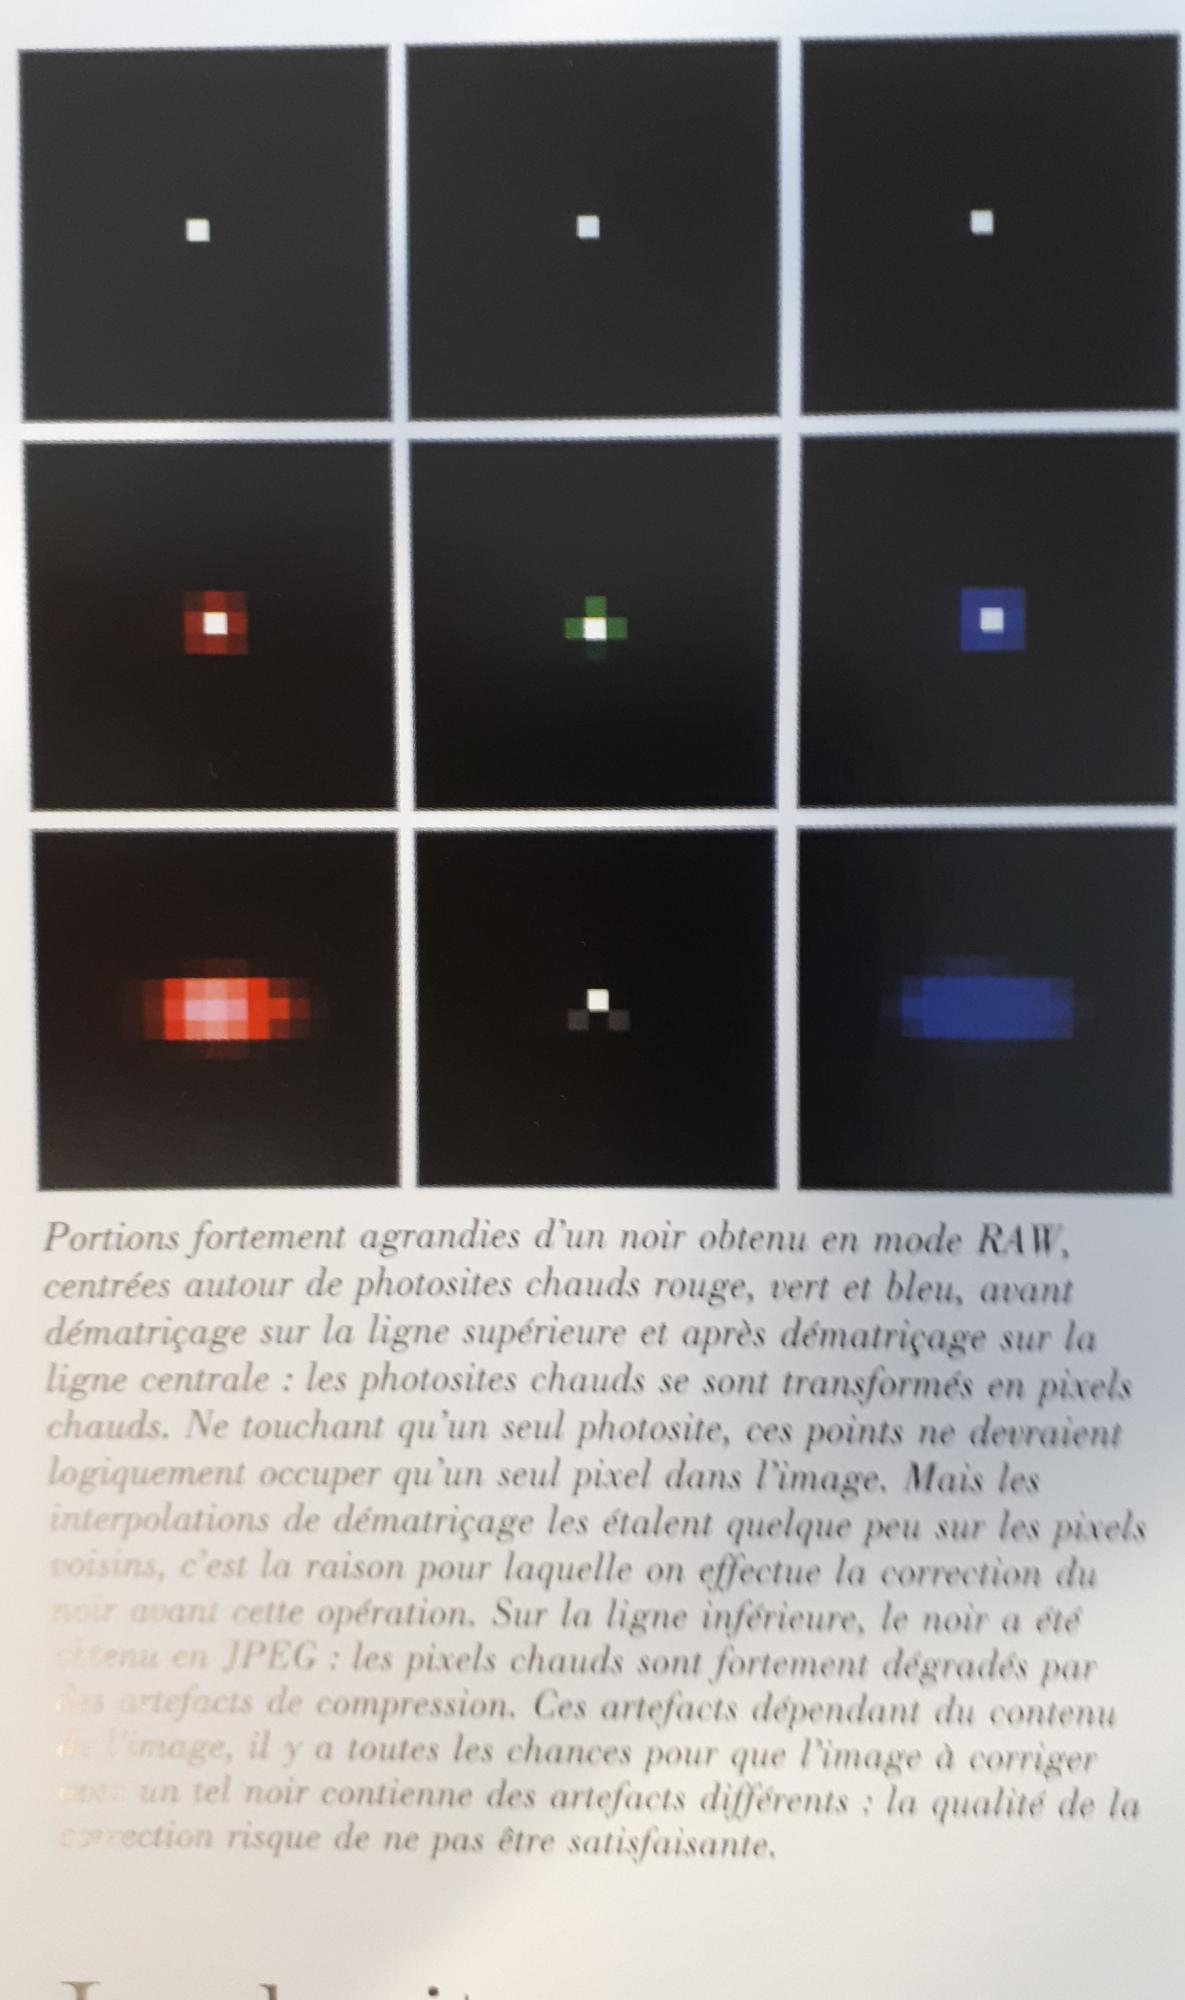 5e65fa4b3d963_pixelchaud(3).thumb.jpg.43f88674da0bfebb1a2d5a5eb73b923f.jpg